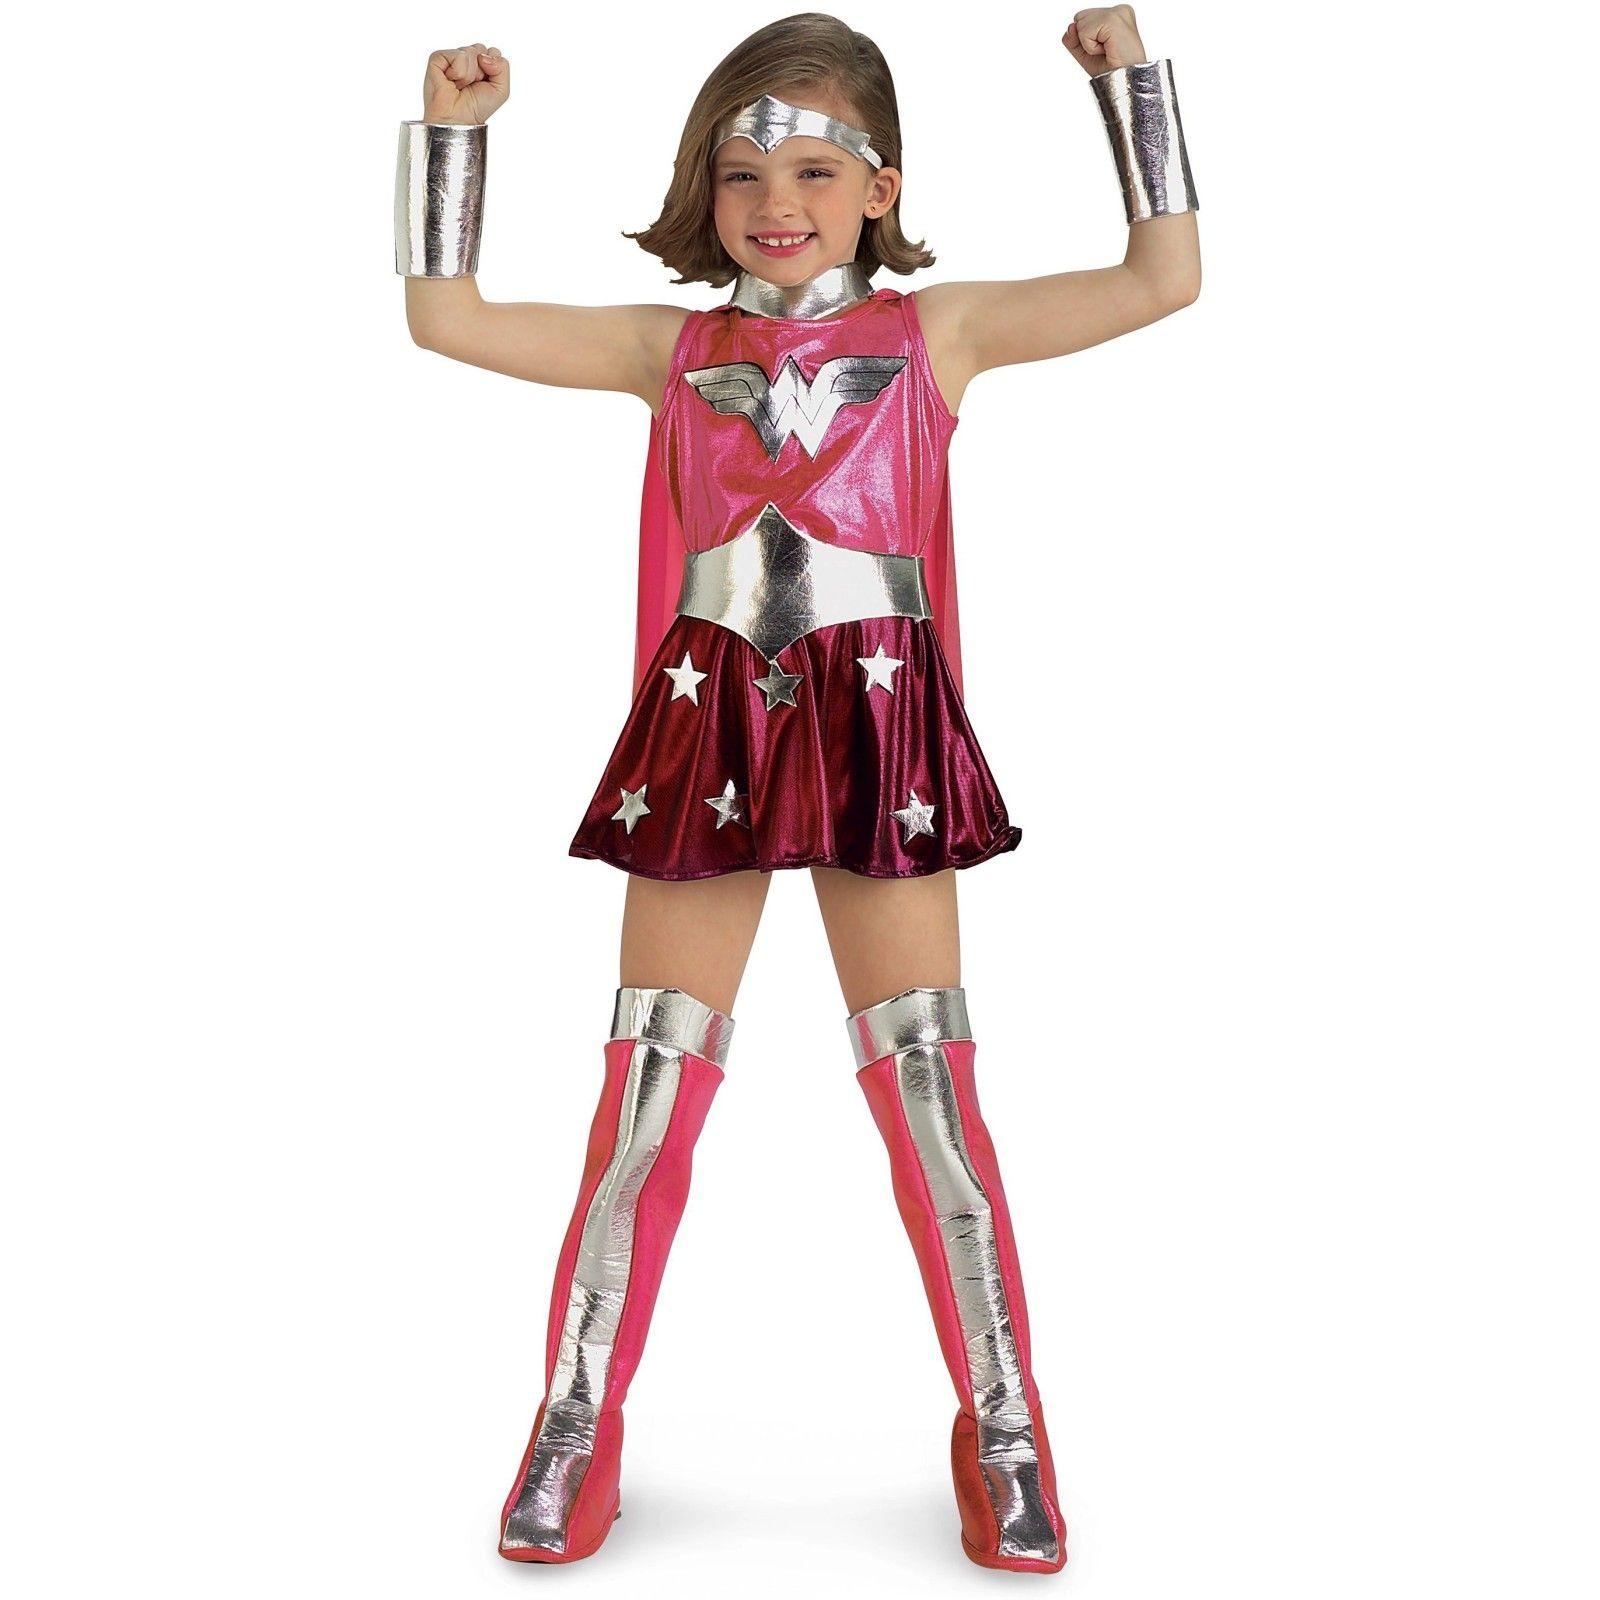 Wonder Woman Costumepink For Girls Mit Bildern Wonder Woman Kostume Weibliche Kostume Superhelden Kostum